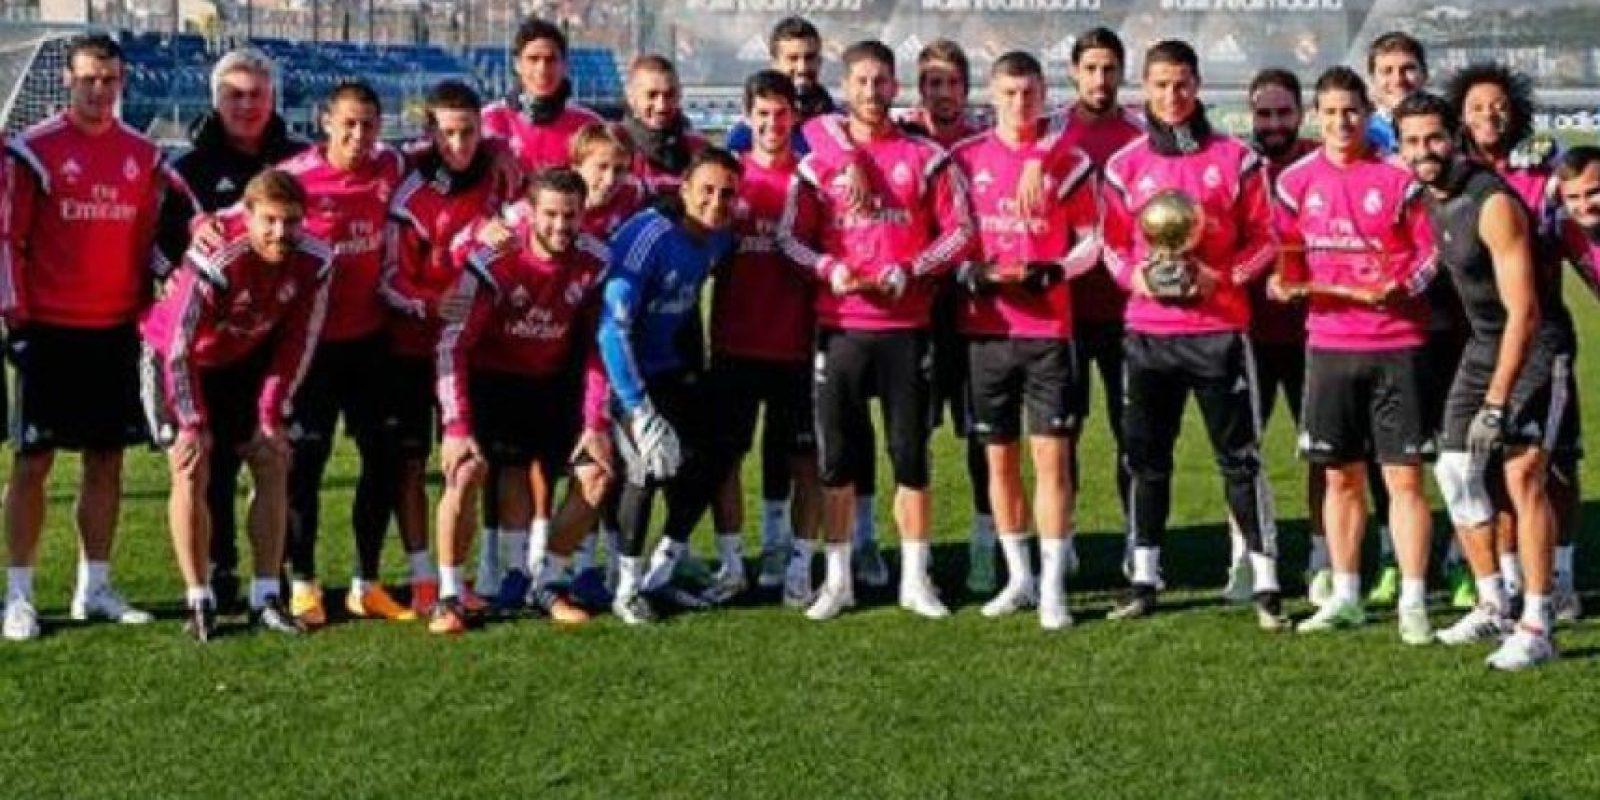 La plantilla merengue con los ganadores de trofeos FIFA. Foto:twitter.com/realmadrid